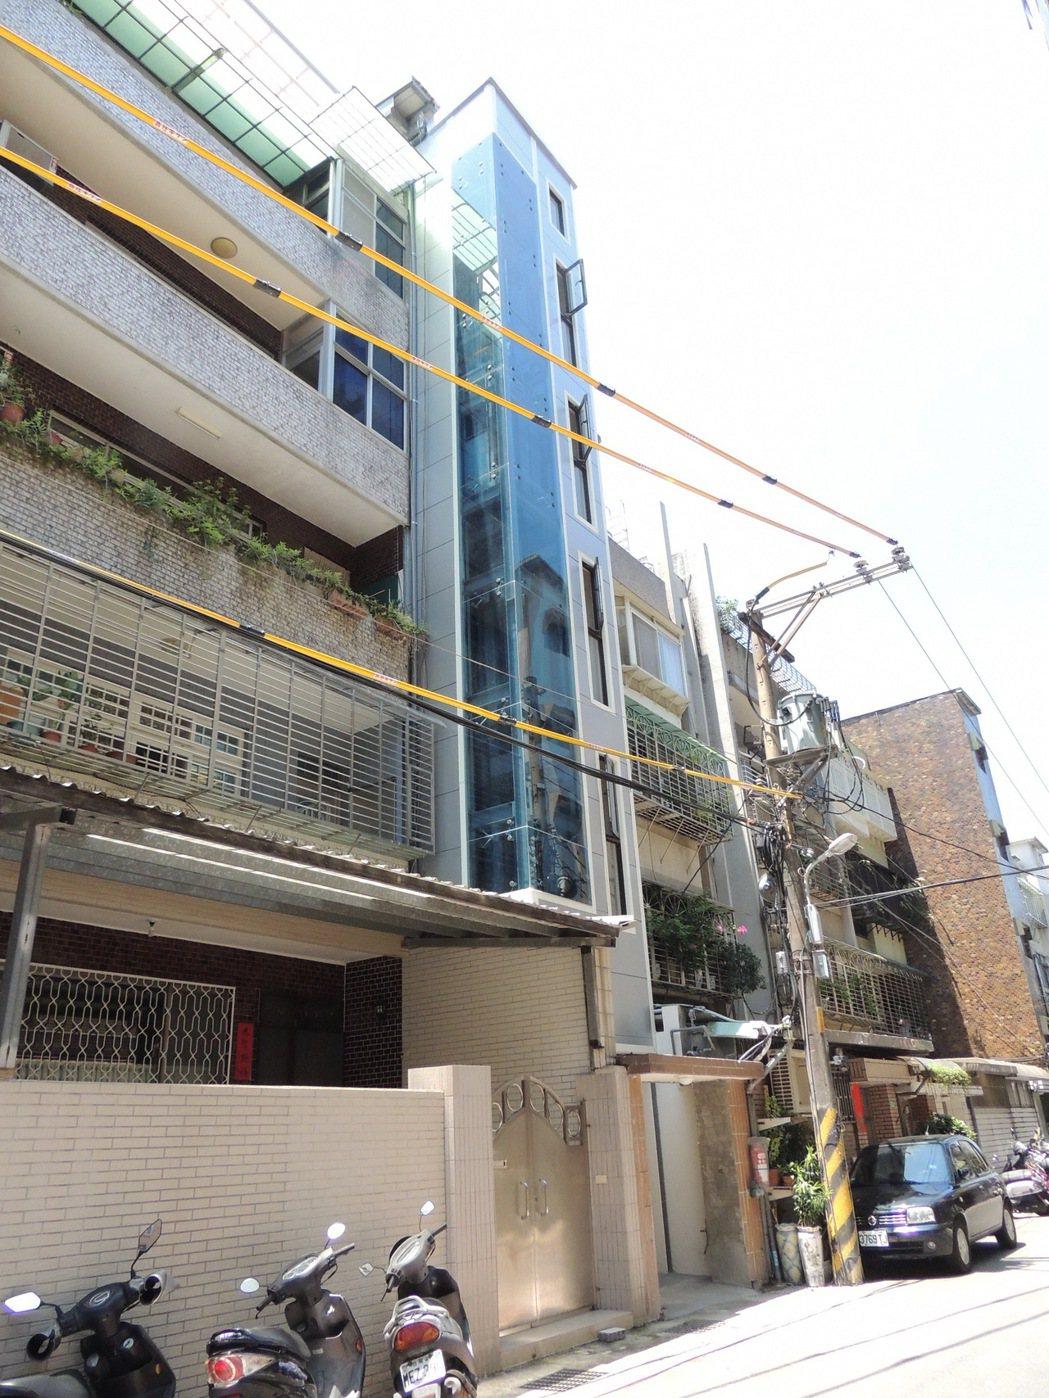 新北市都更處推動老舊公寓加裝電梯補助7年,至今僅2案完工。首案新店明德段由5樓郭...